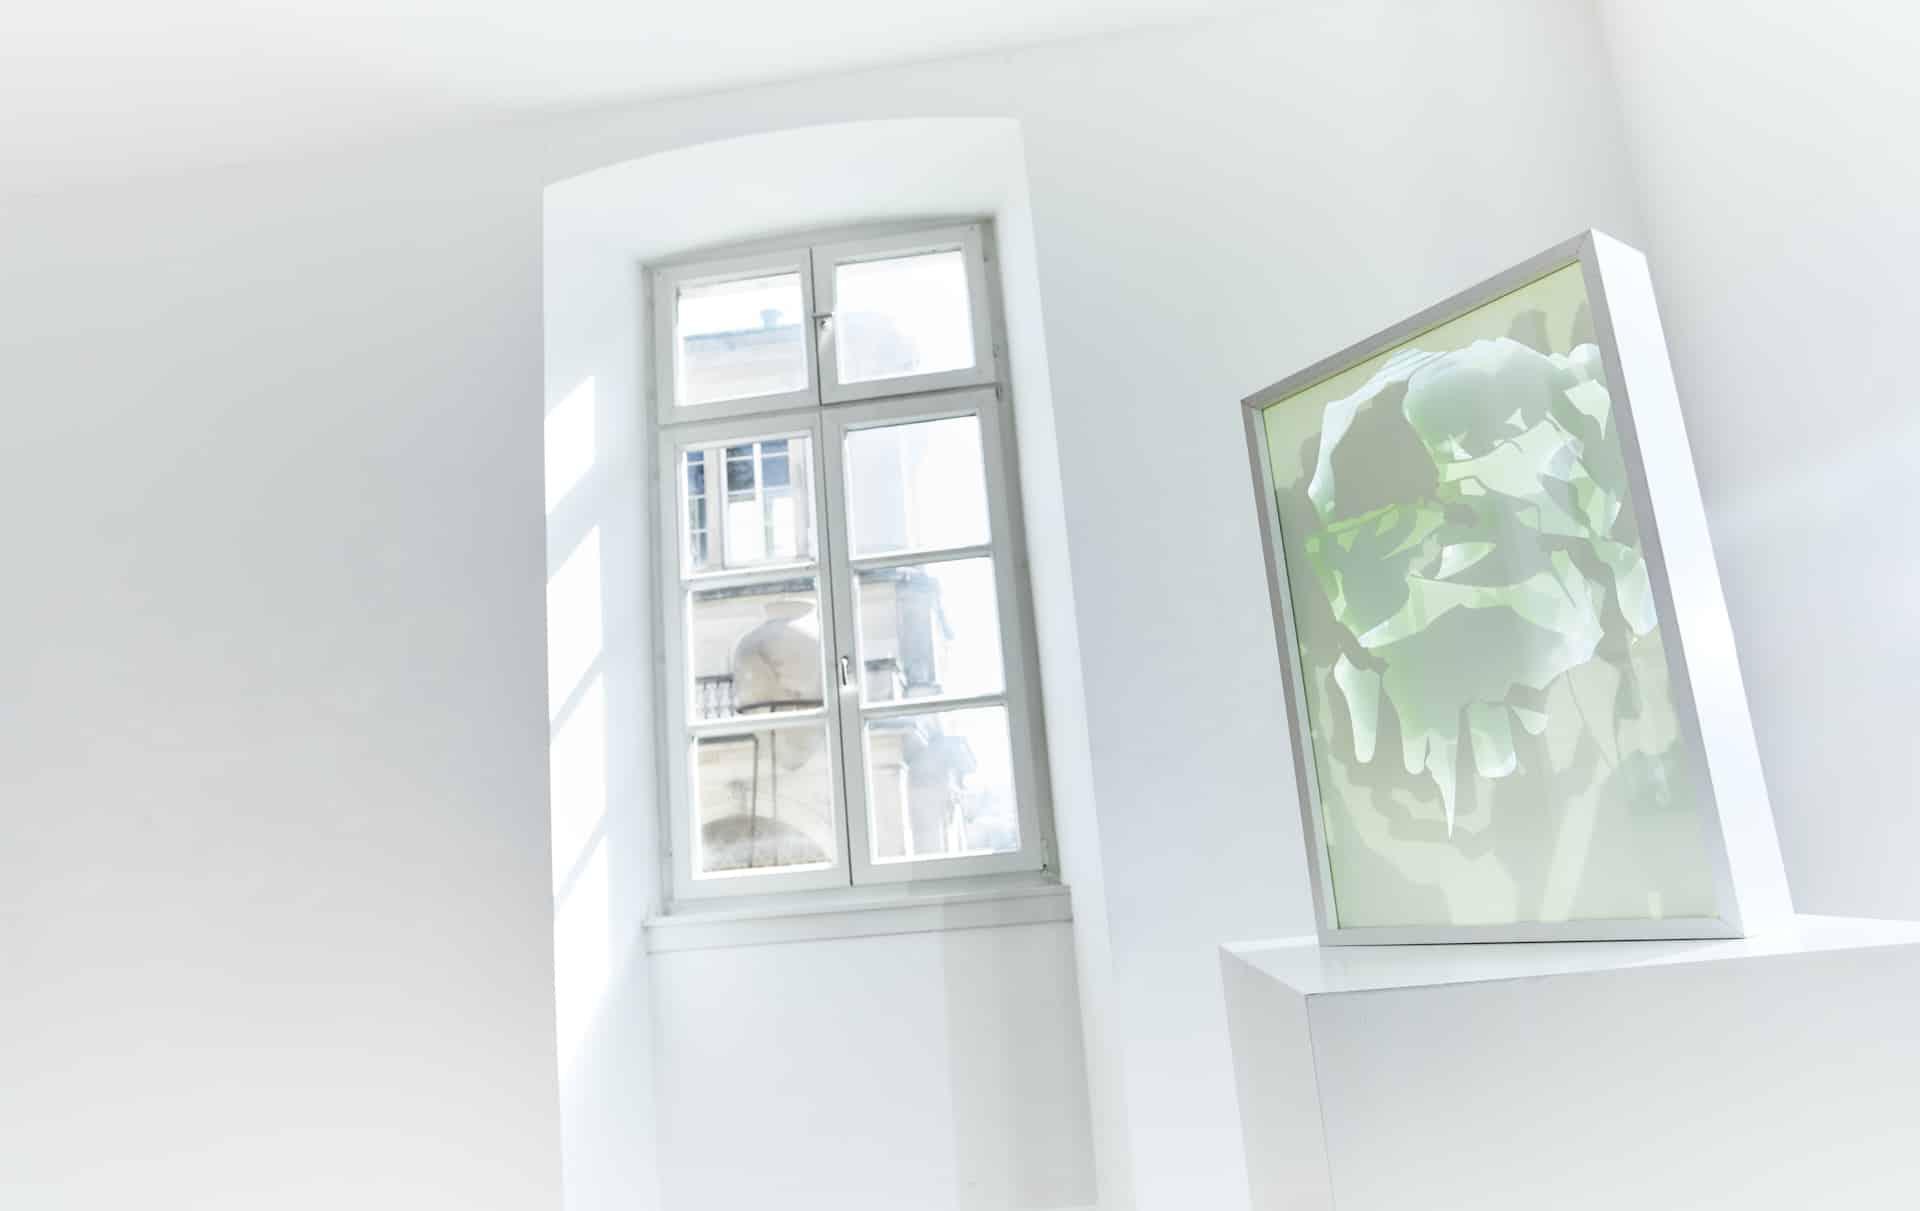 EberhardFreudenreich_Ausstellung-AltesDampfbad_122845